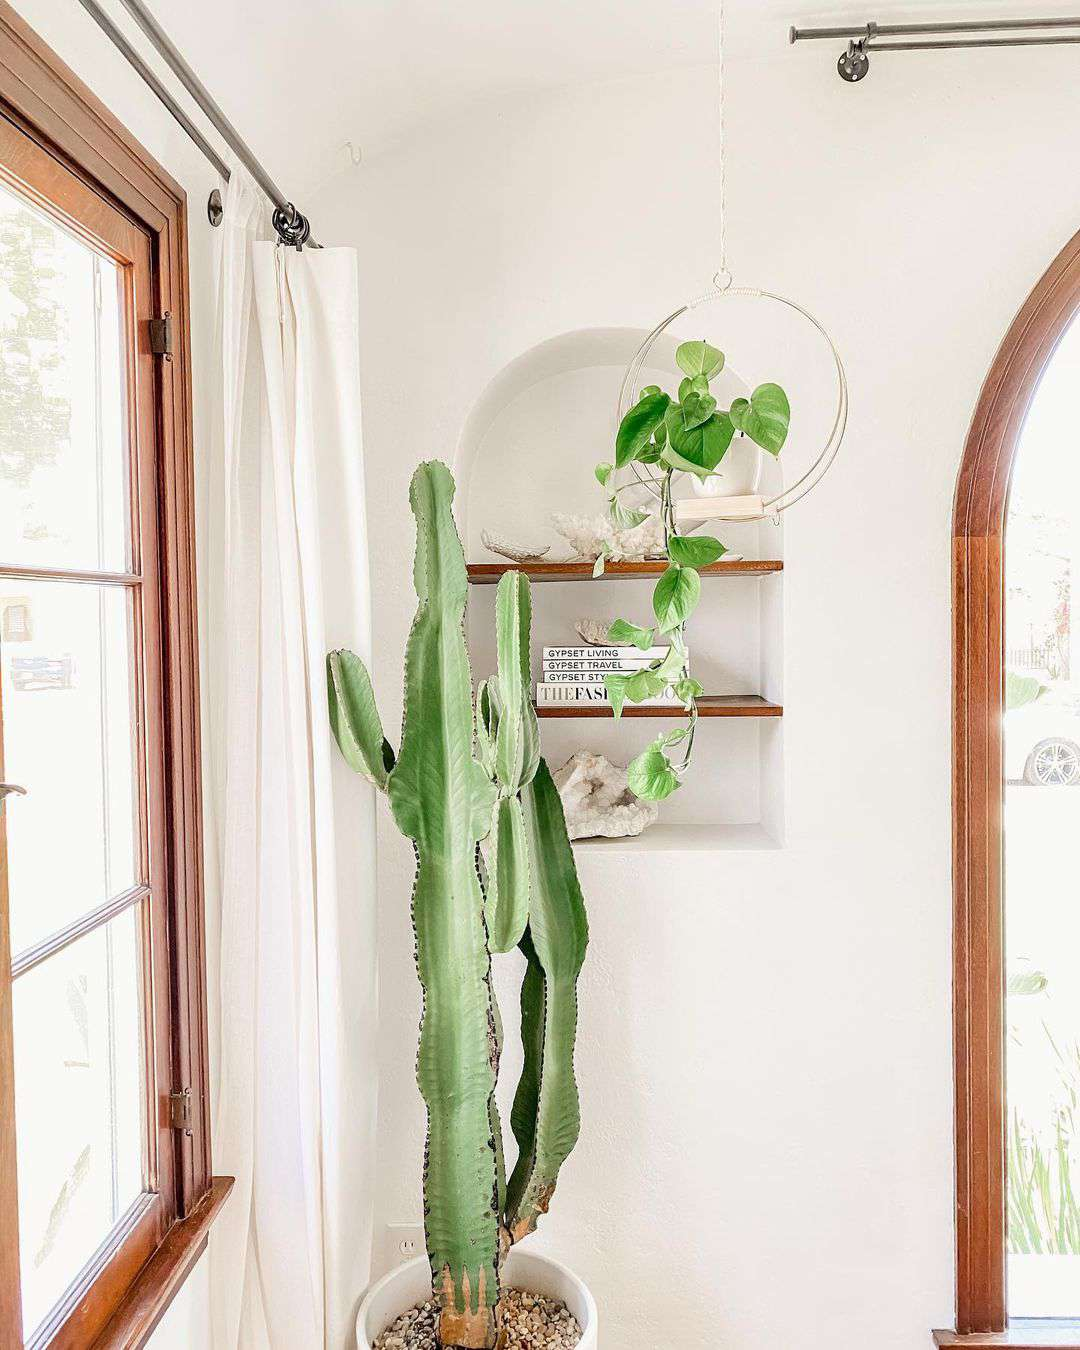 Cactus in a corner